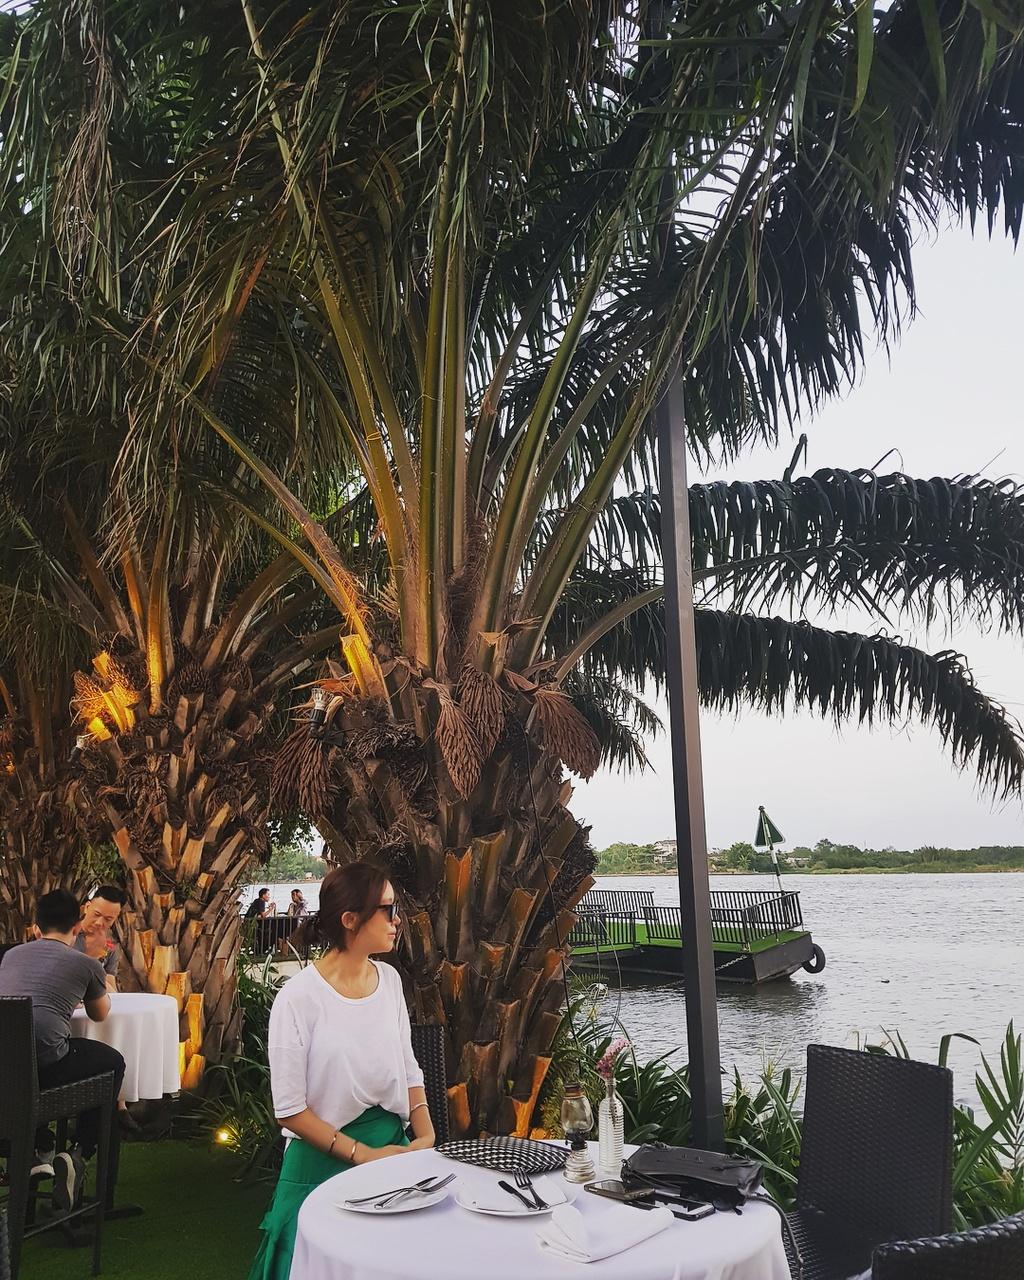 5 nha hang co view bo song lang man danh cho cac cap doi o TP.HCM hinh anh 14 5_mina791004.jpg